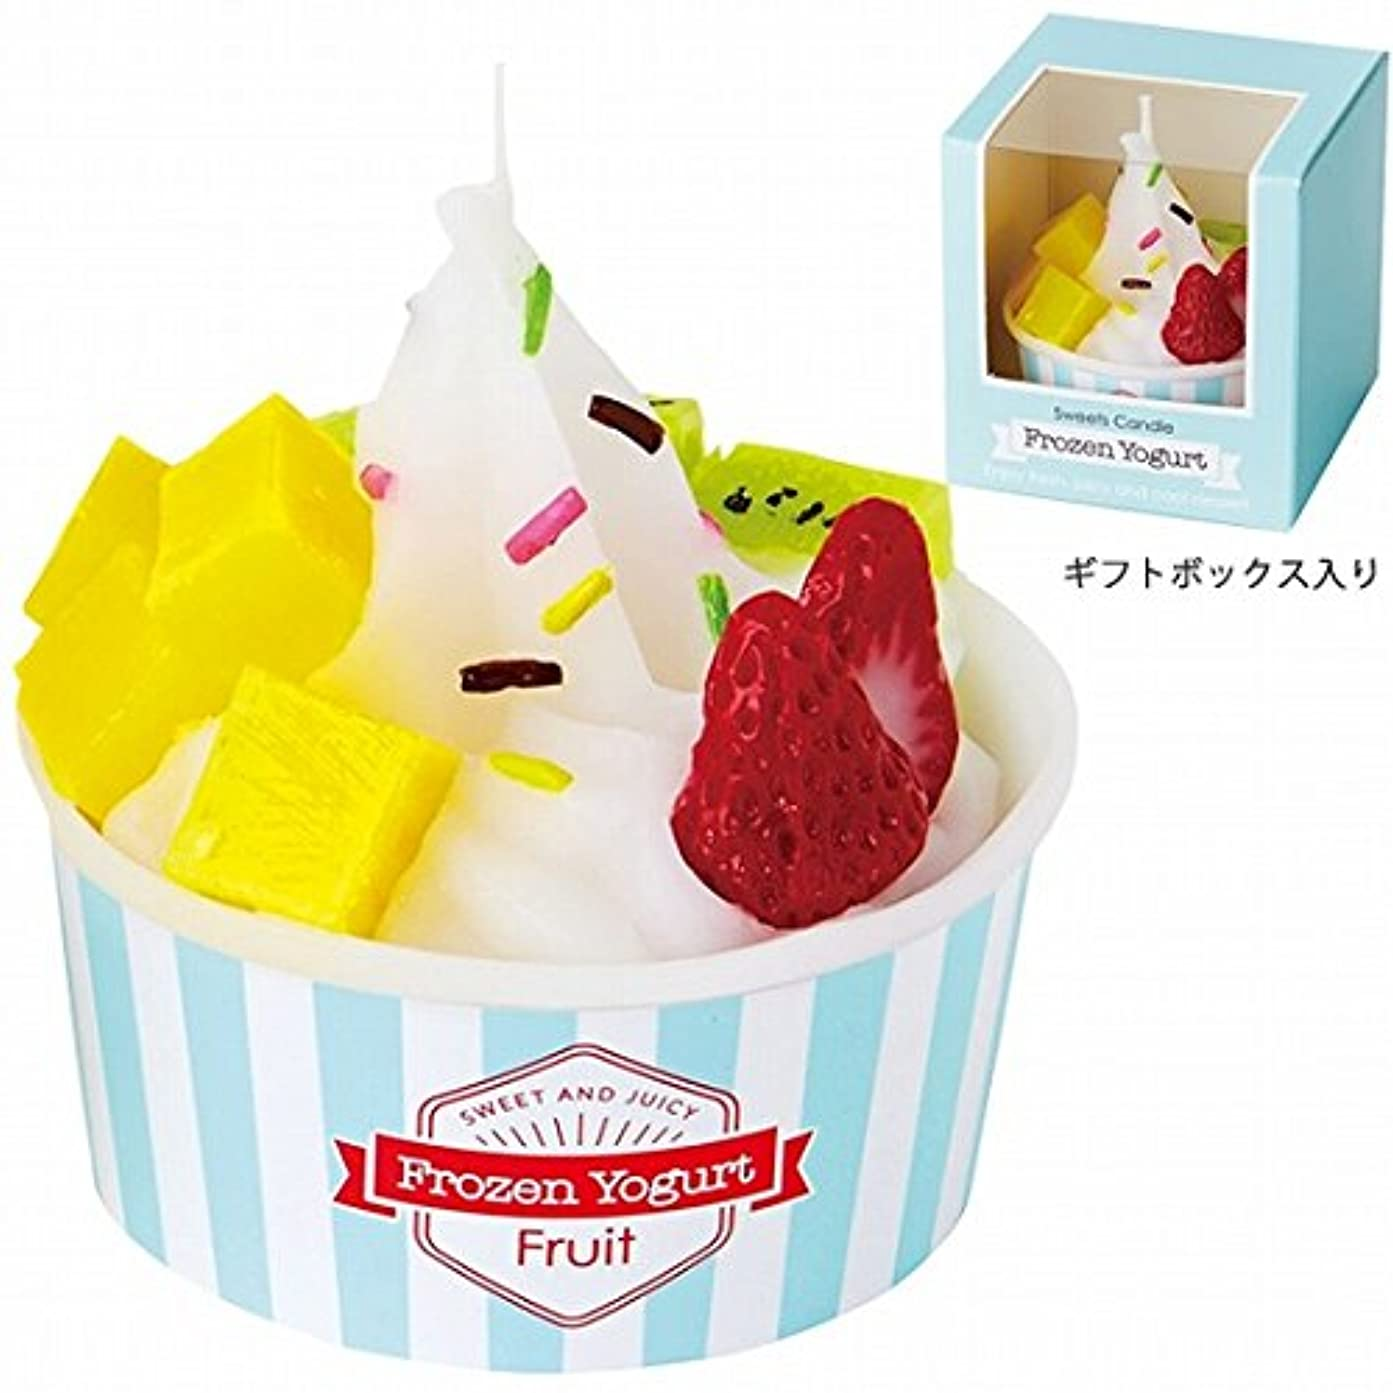 プレゼントまとめる加速するカメヤマキャンドル(kameyama candle) フローズンヨーグルトキャンドル 「フルーツ」 4個セット